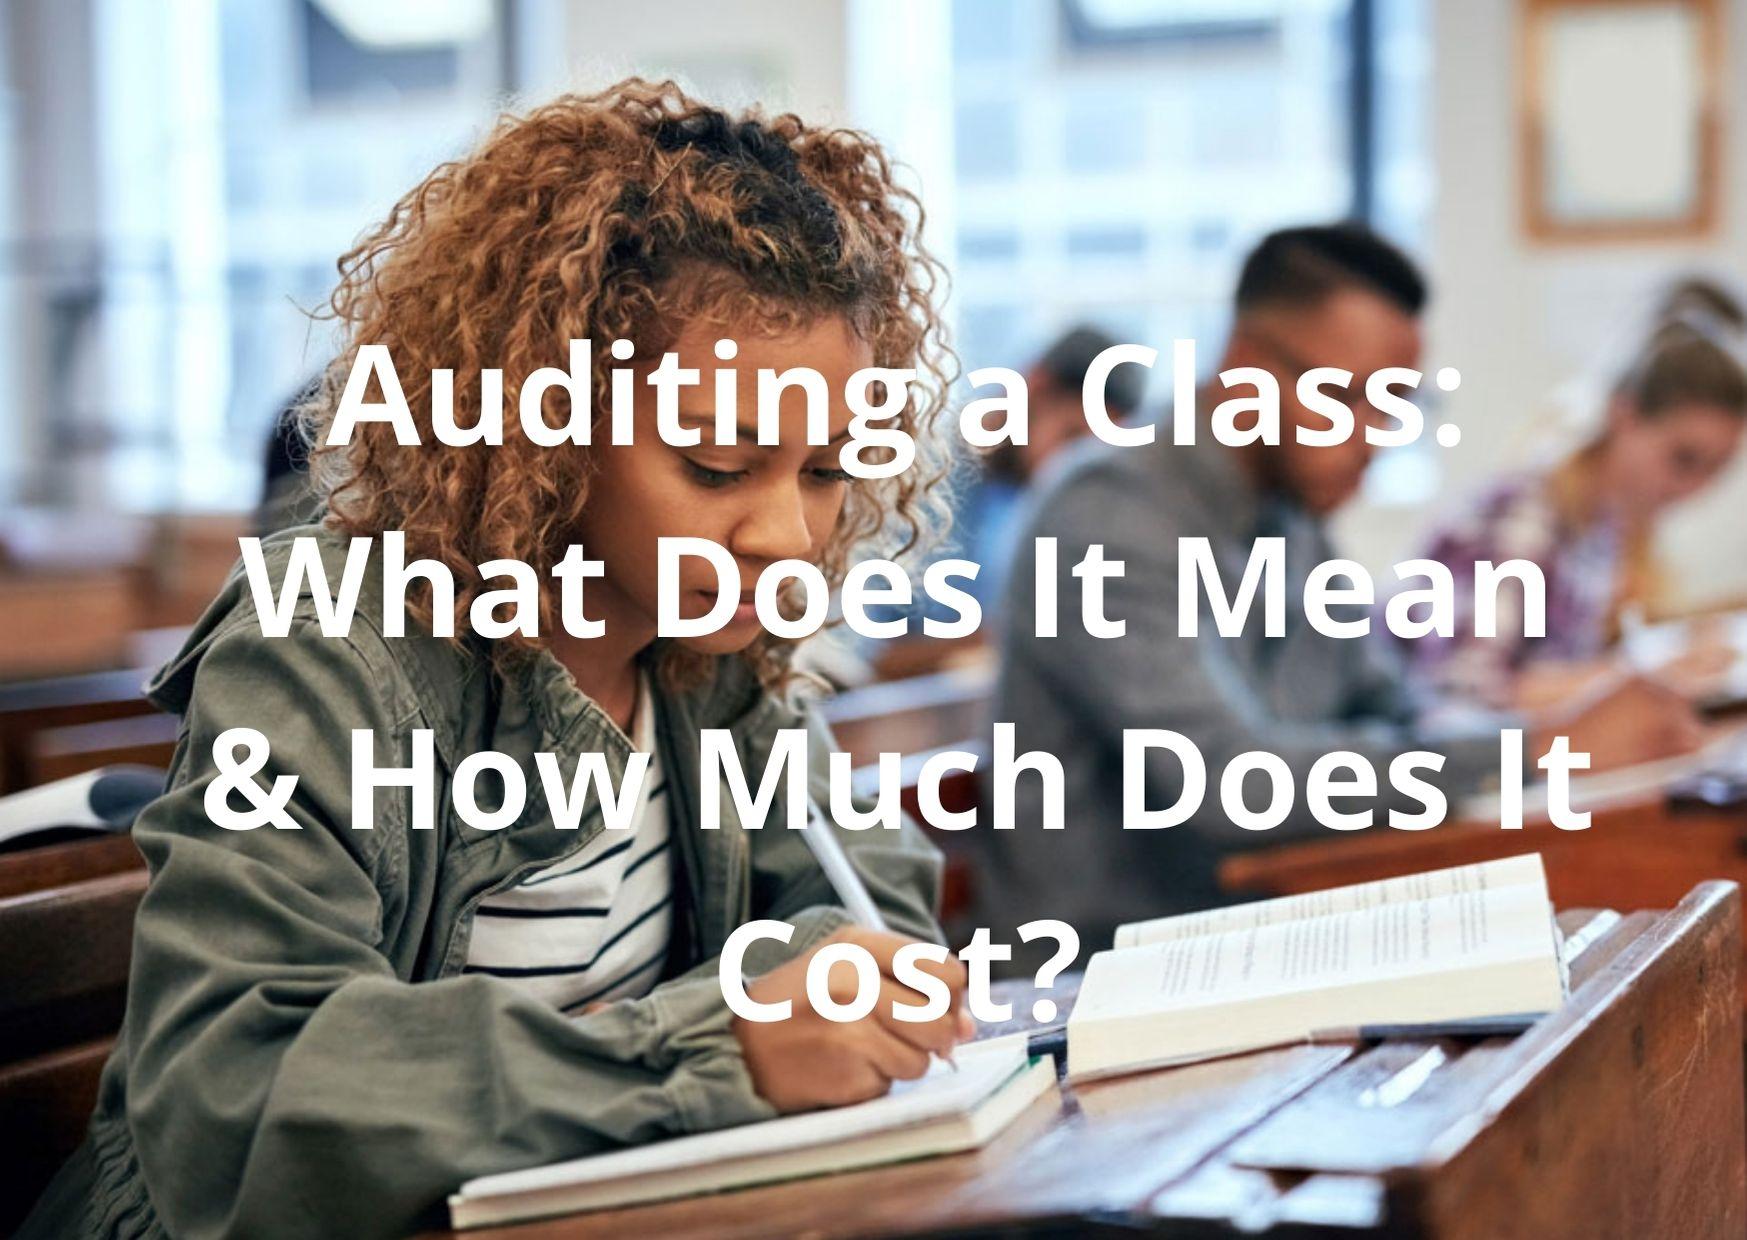 Ouditering van 'n klas: wat beteken dit en hoeveel kos dit?